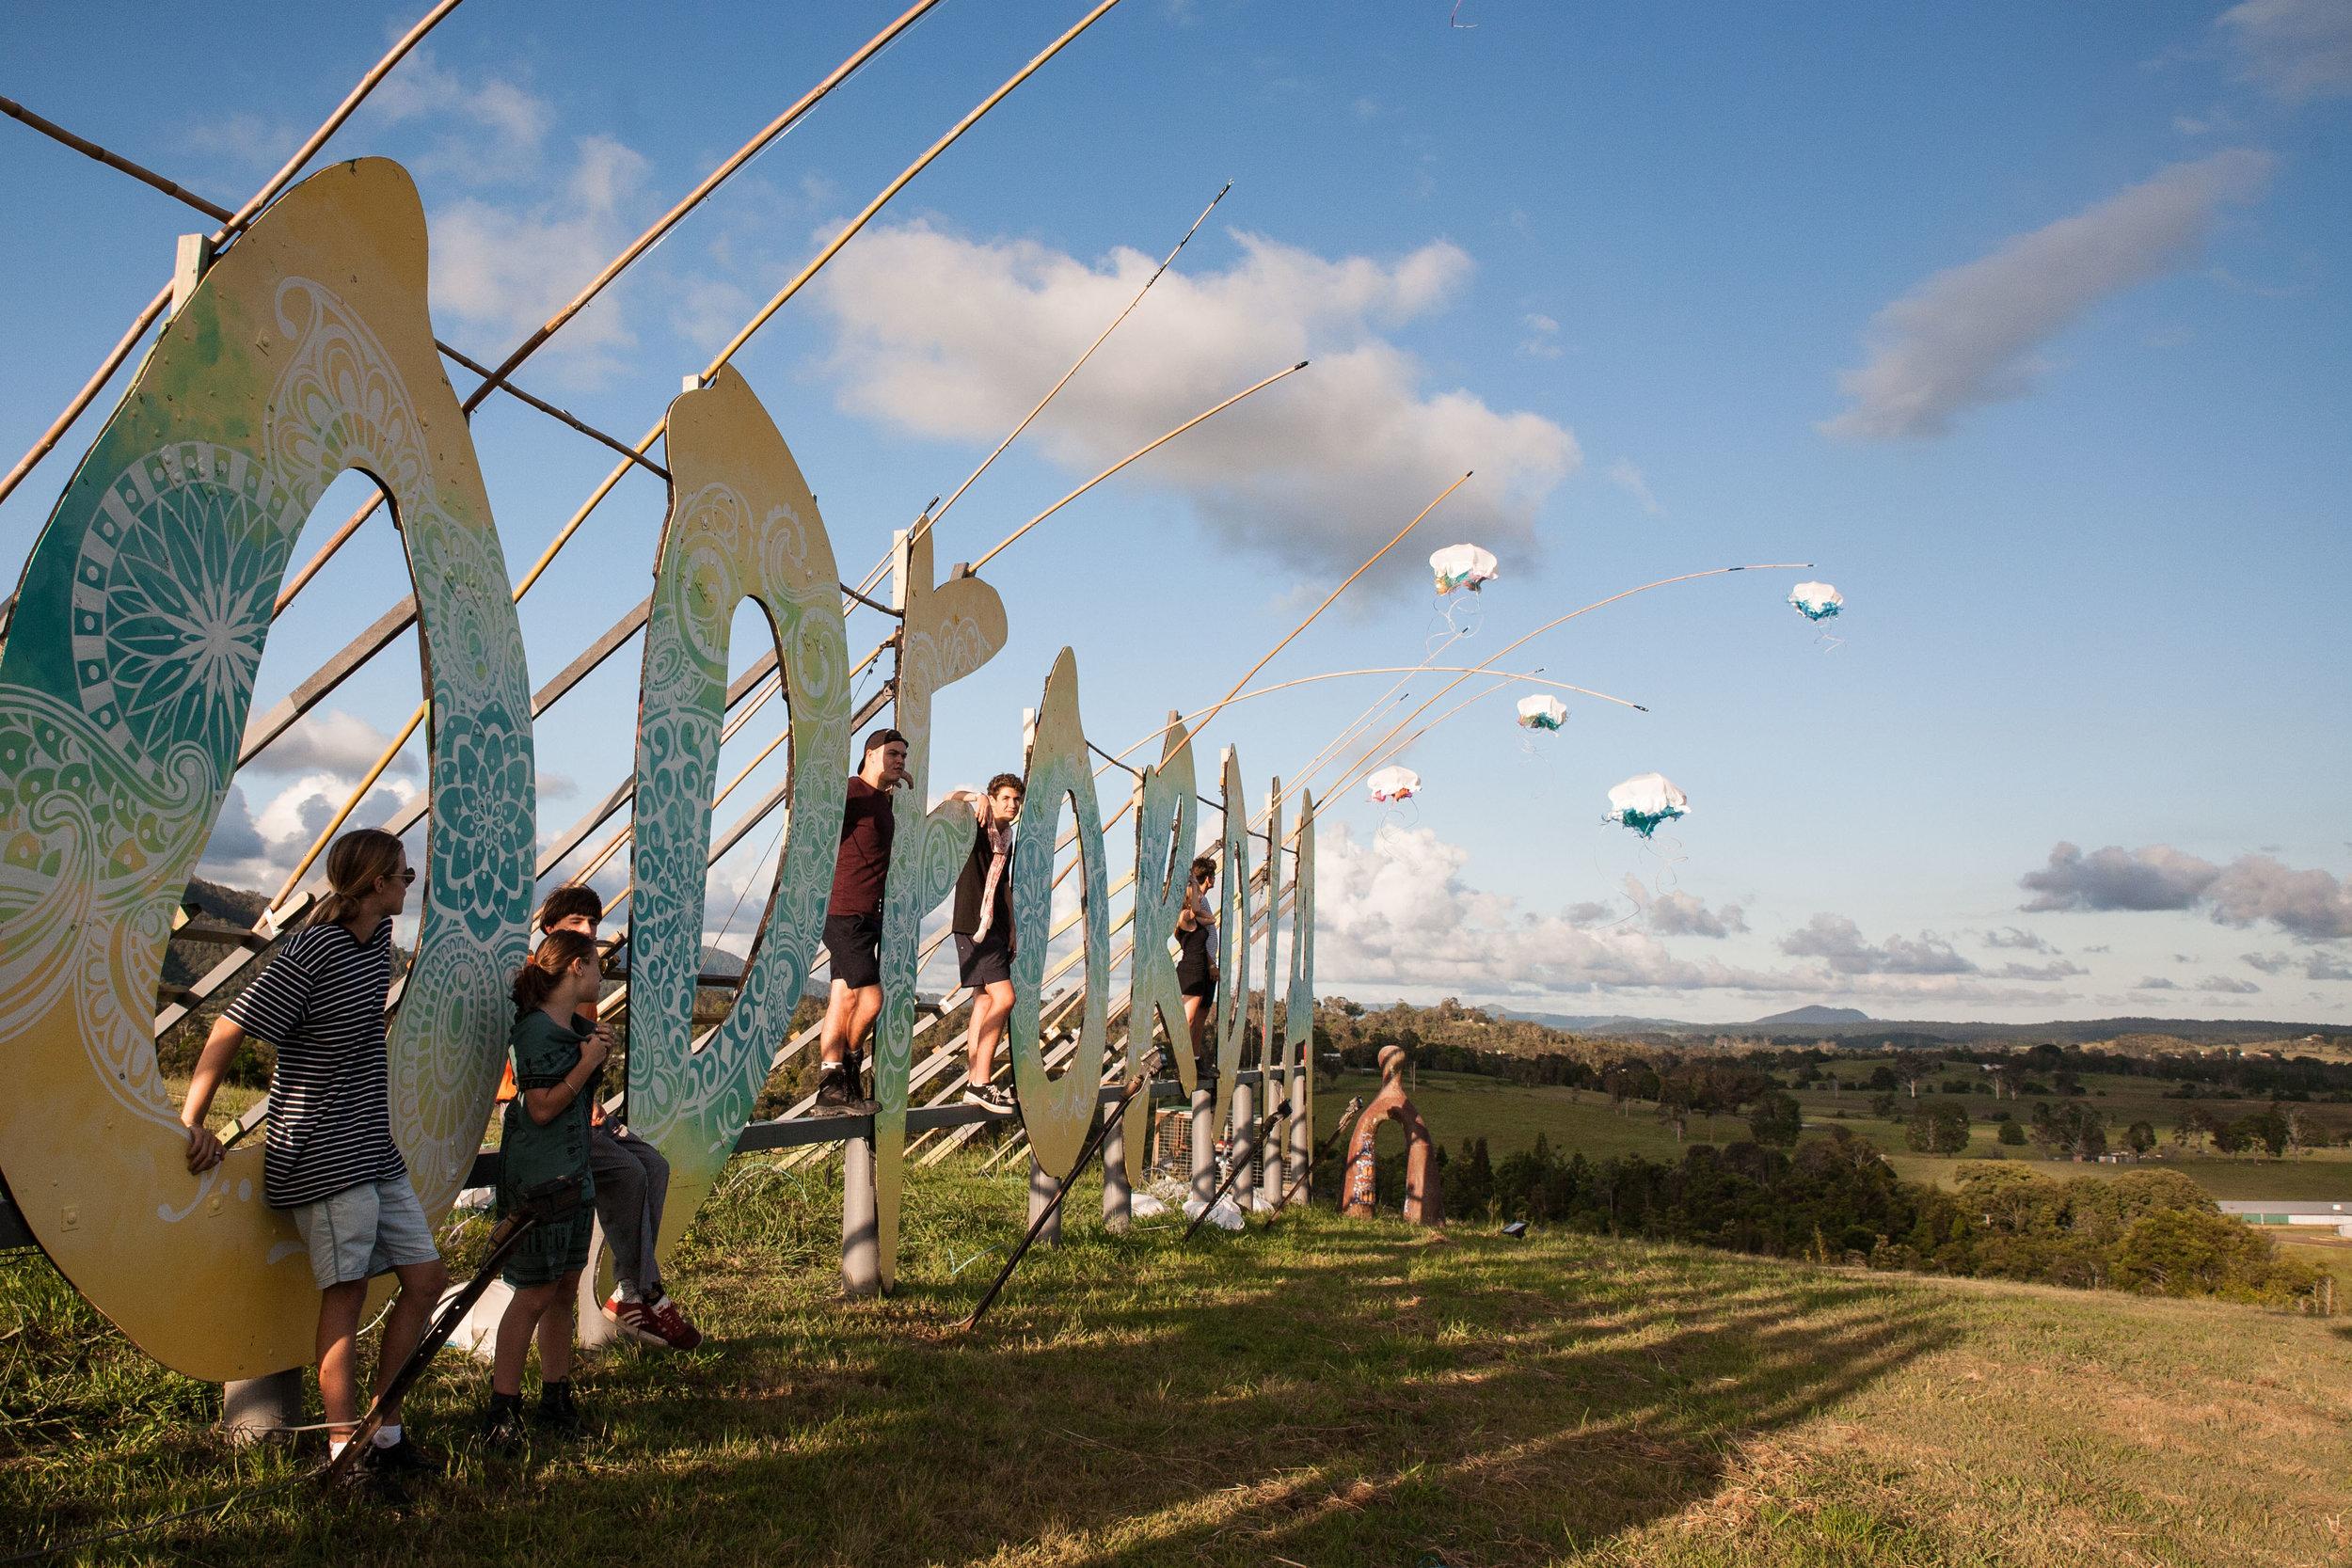 woodord-folk-festival-cynthia-lee-photographer-2.jpg